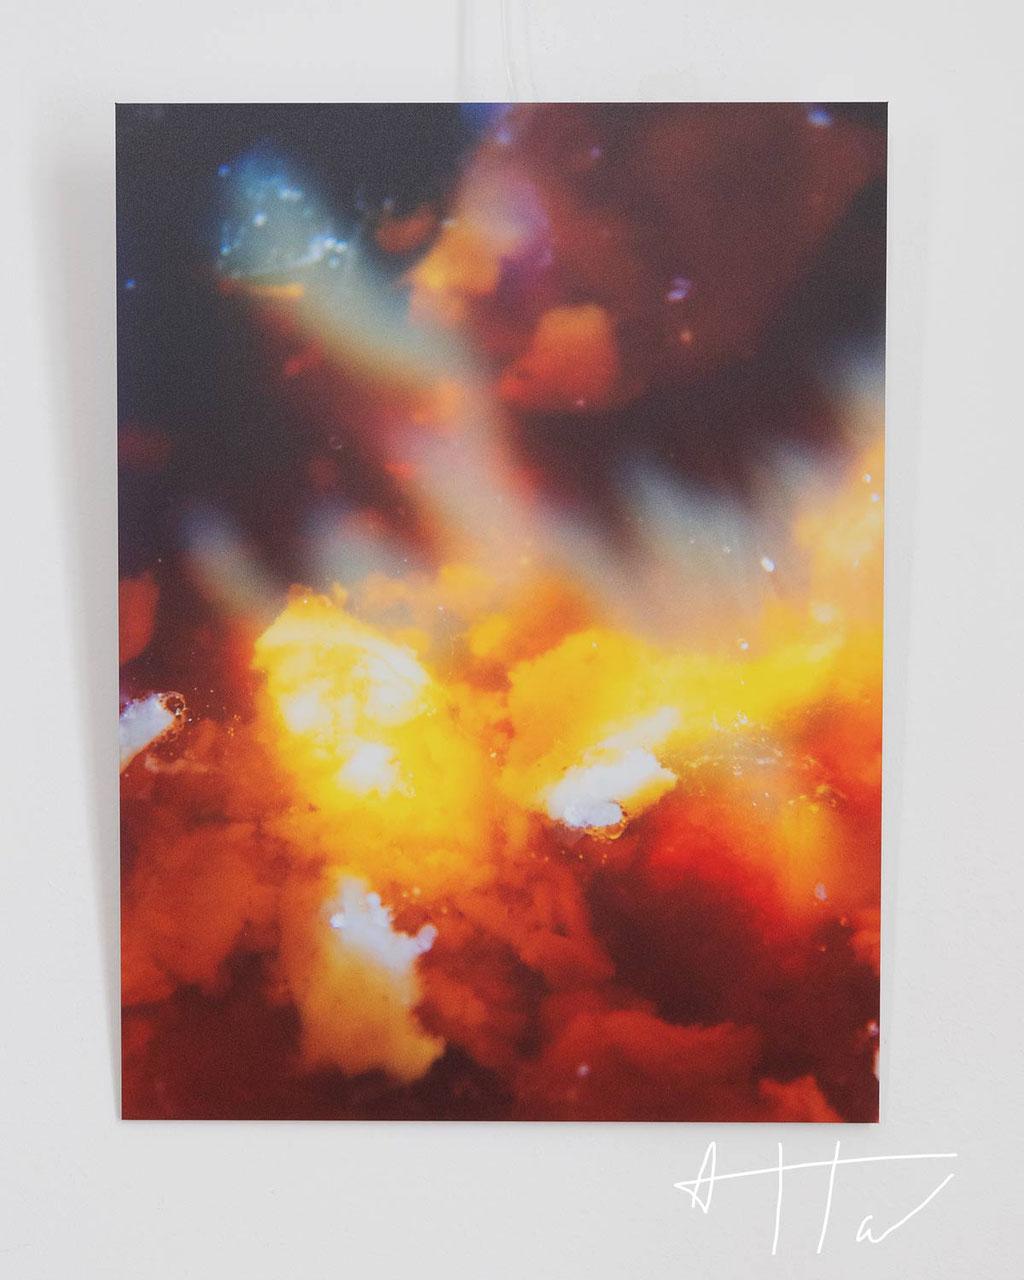 Untitled #8, aluminium dibond, 40 cm x 30 cm, series of 5 prints + 2 AP.